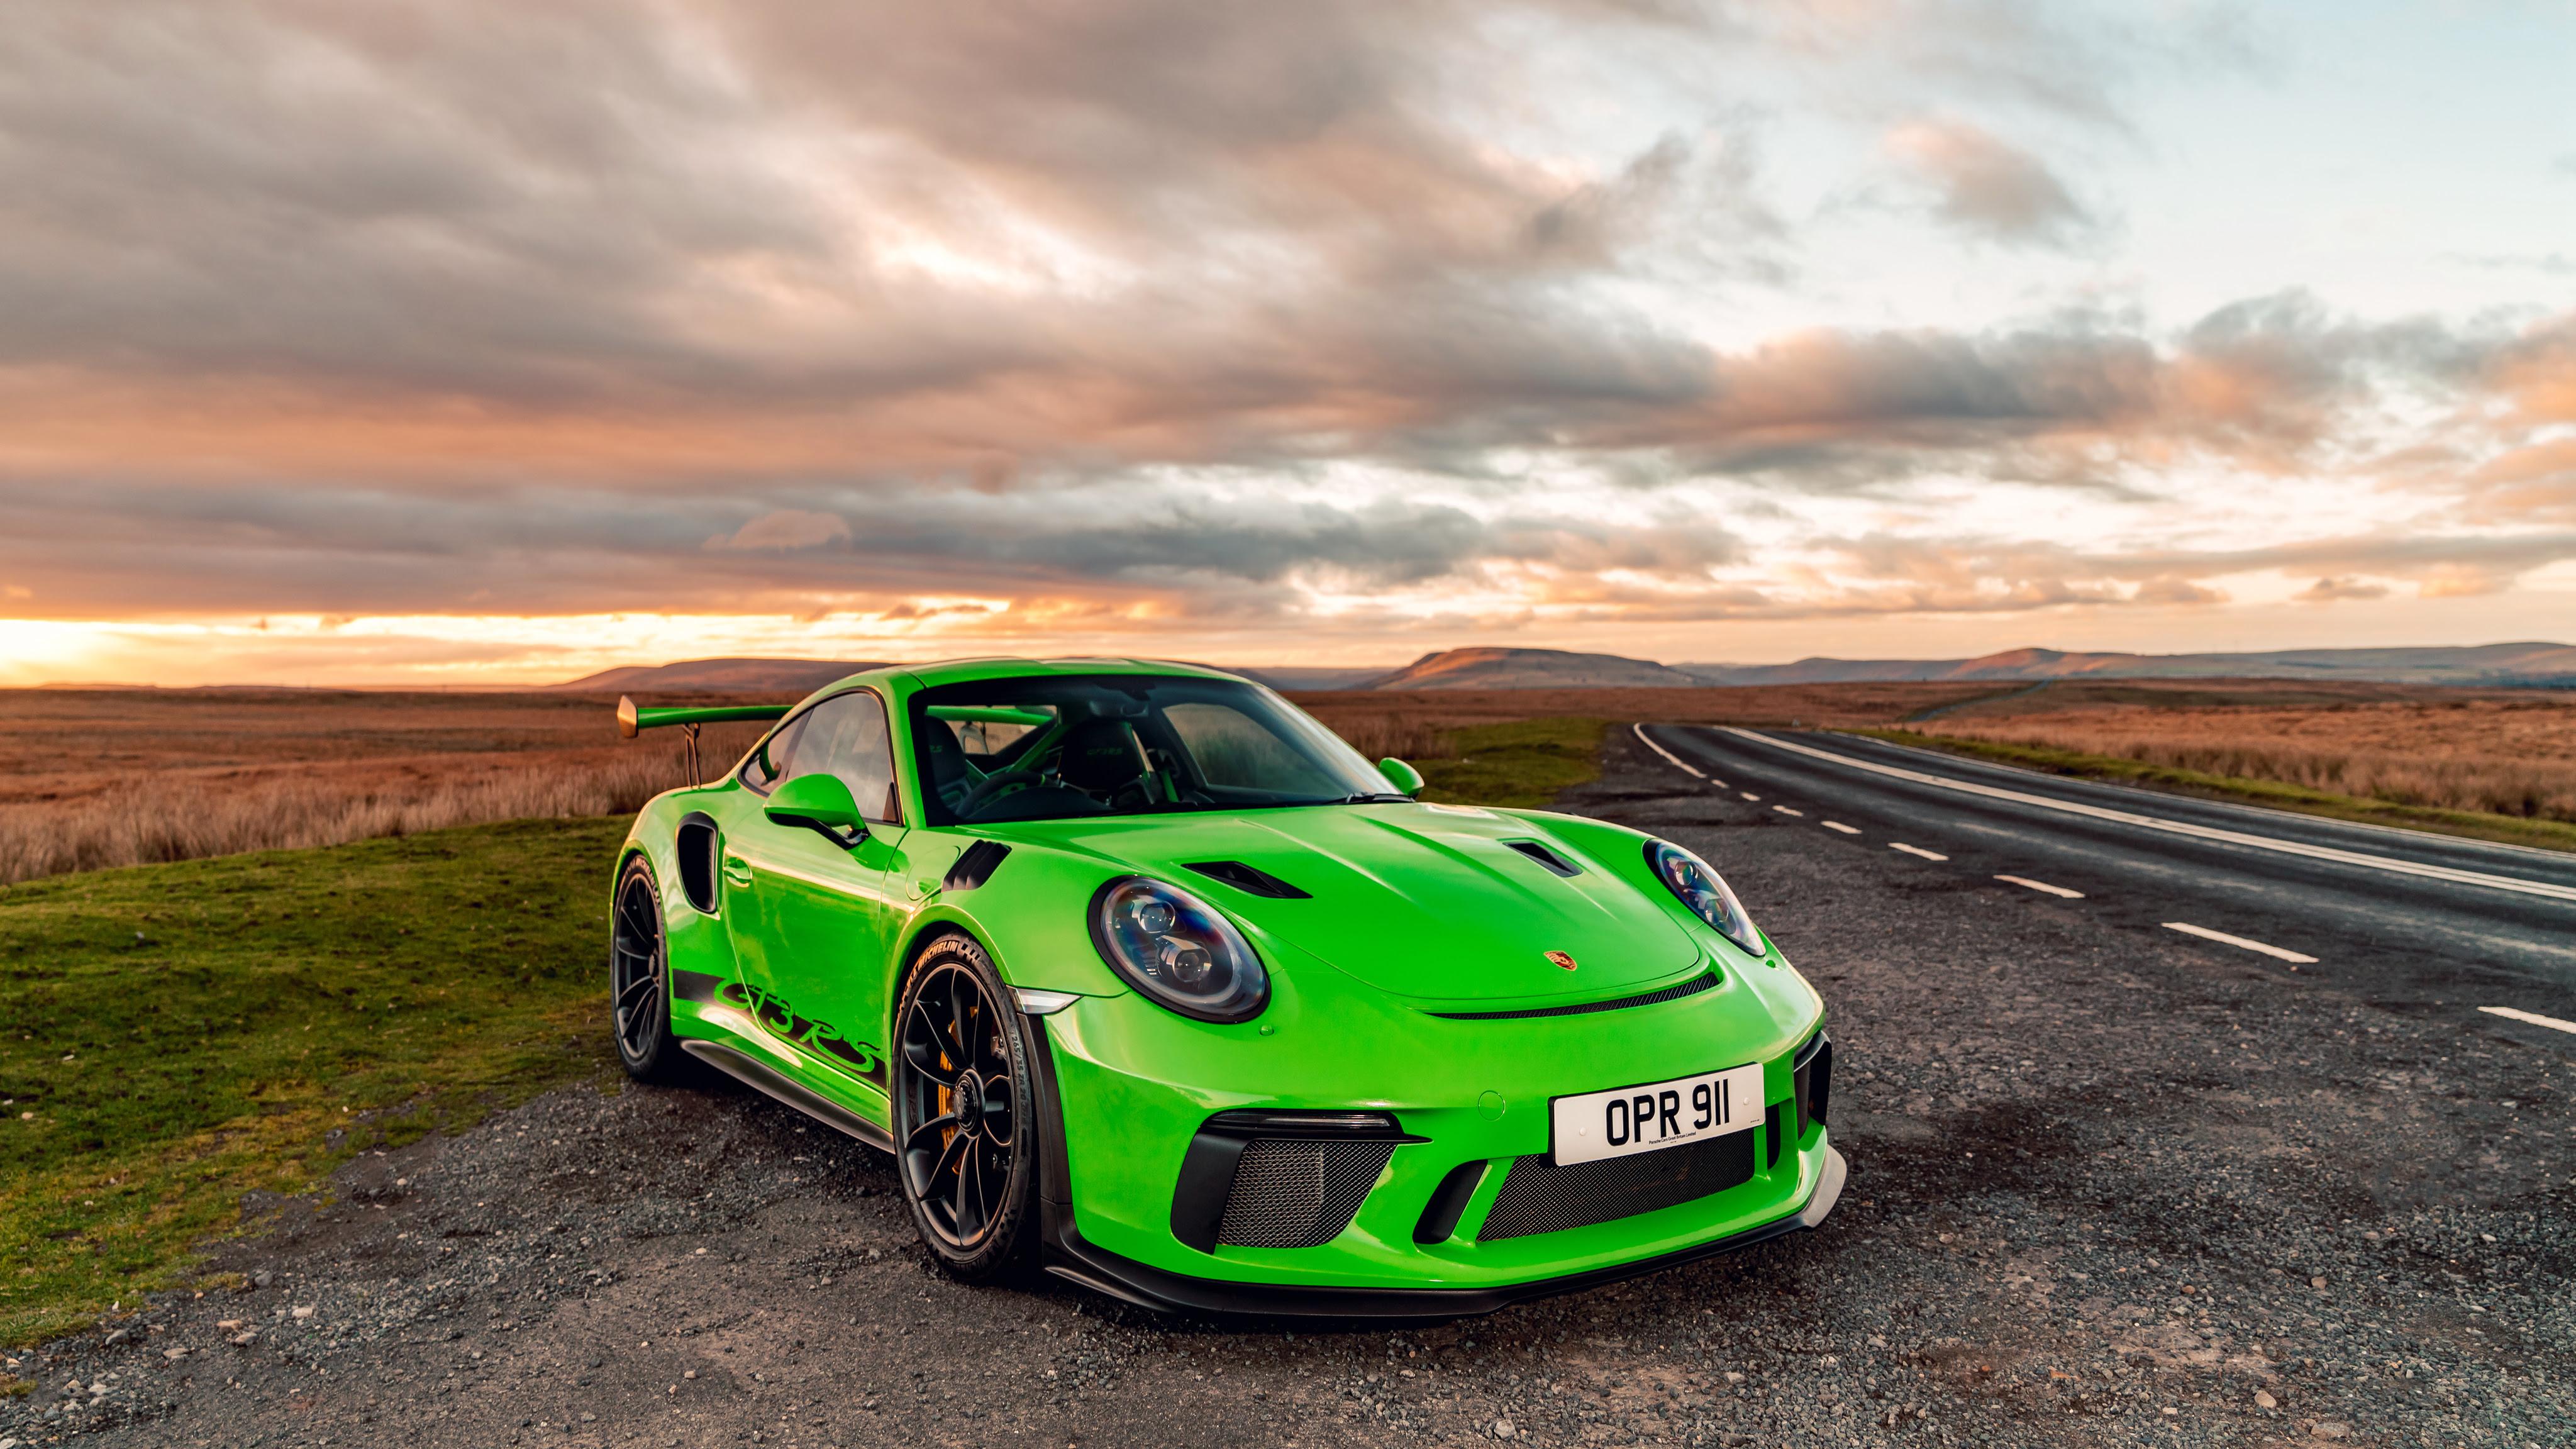 Porsche 911 GT3 RS 2019 4K Wallpaper   HD Car Wallpapers ...